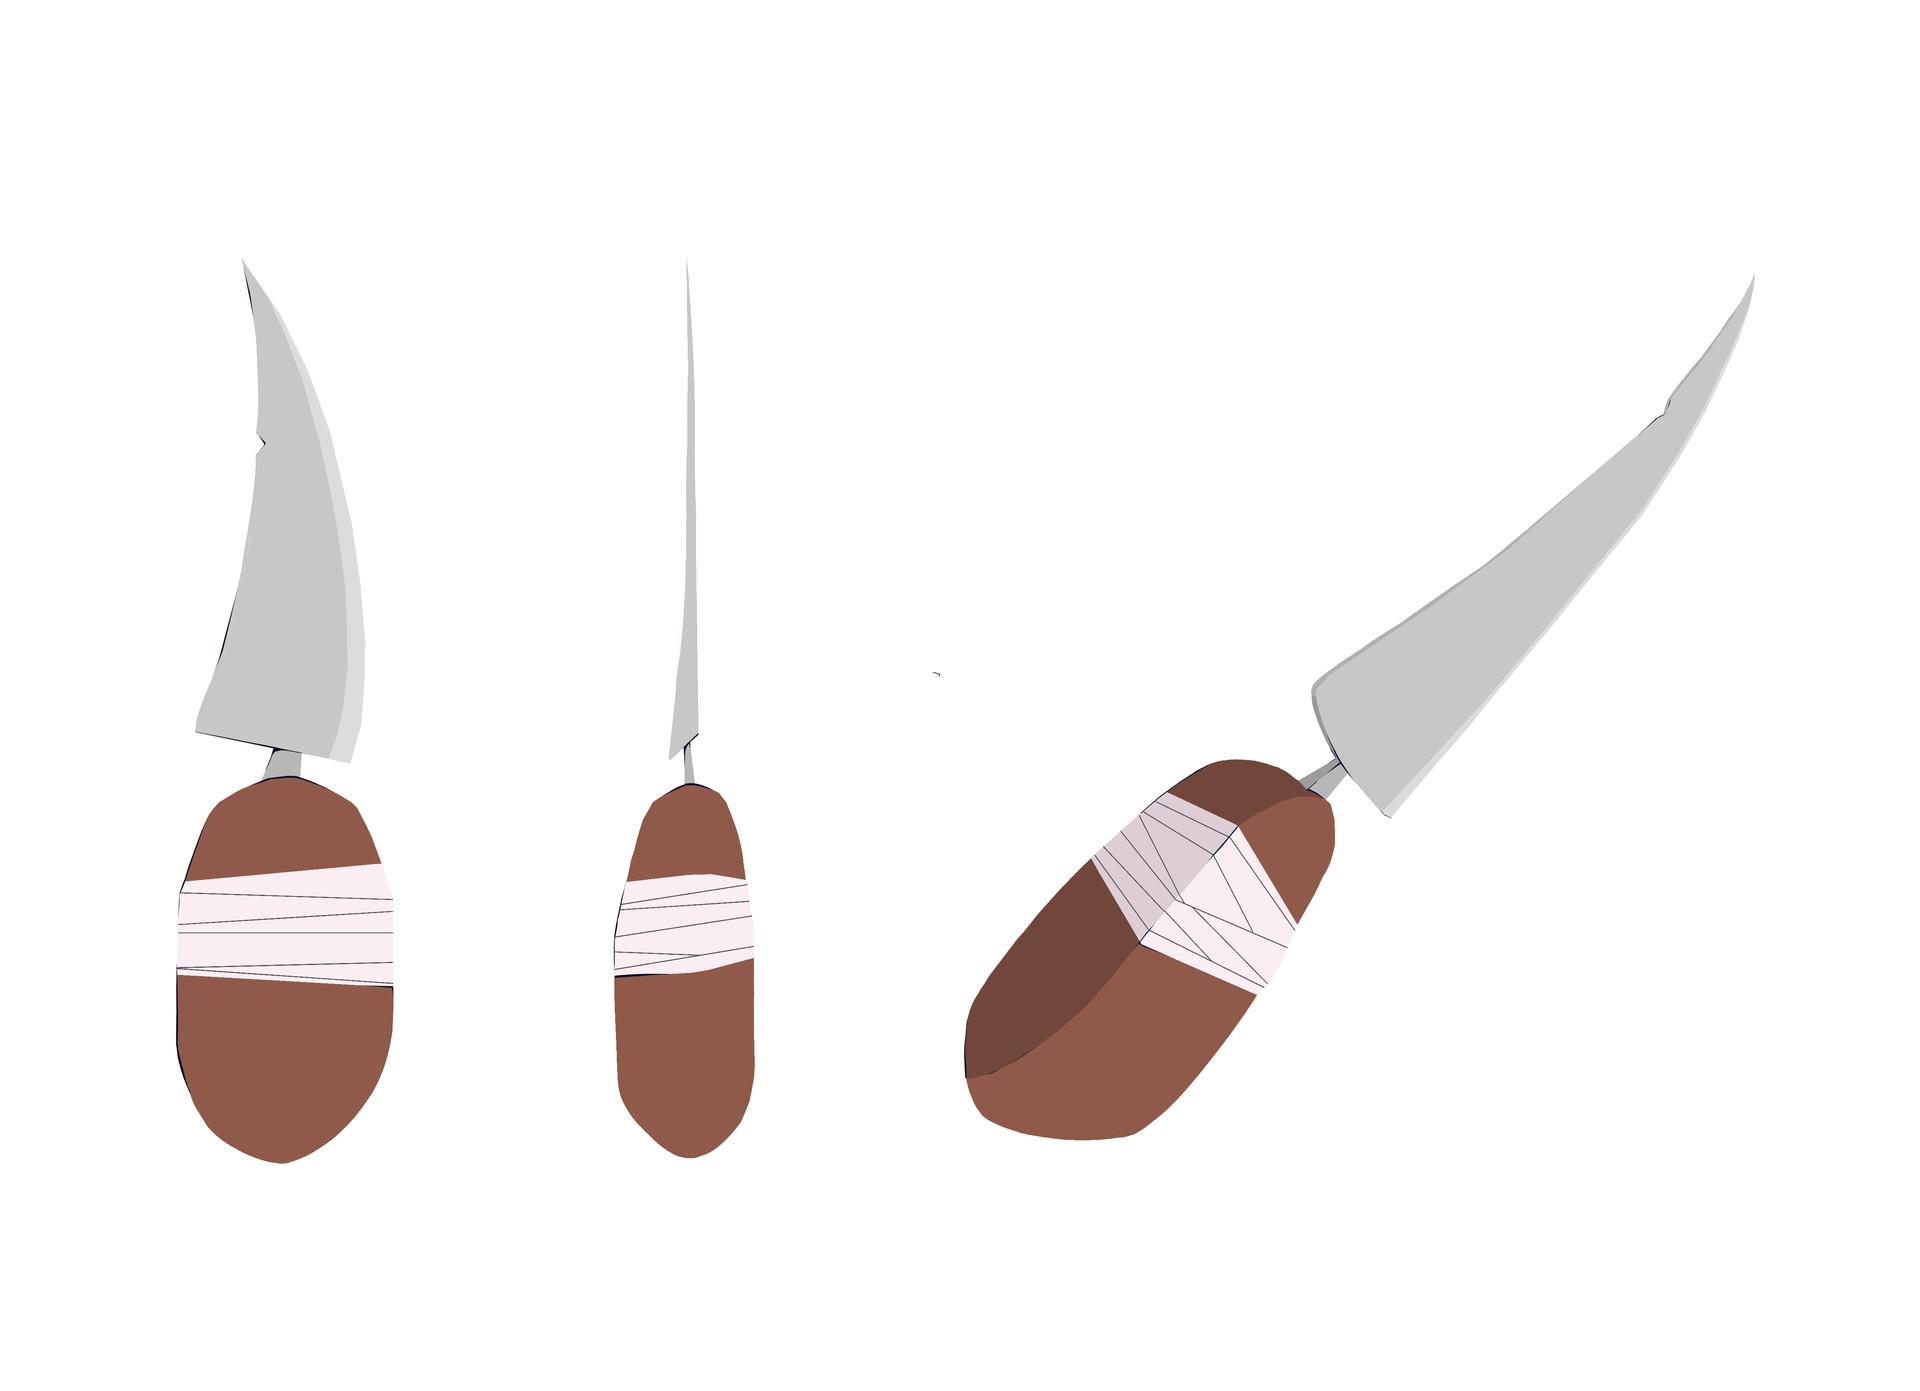 Prop - Nanu's knife (process)